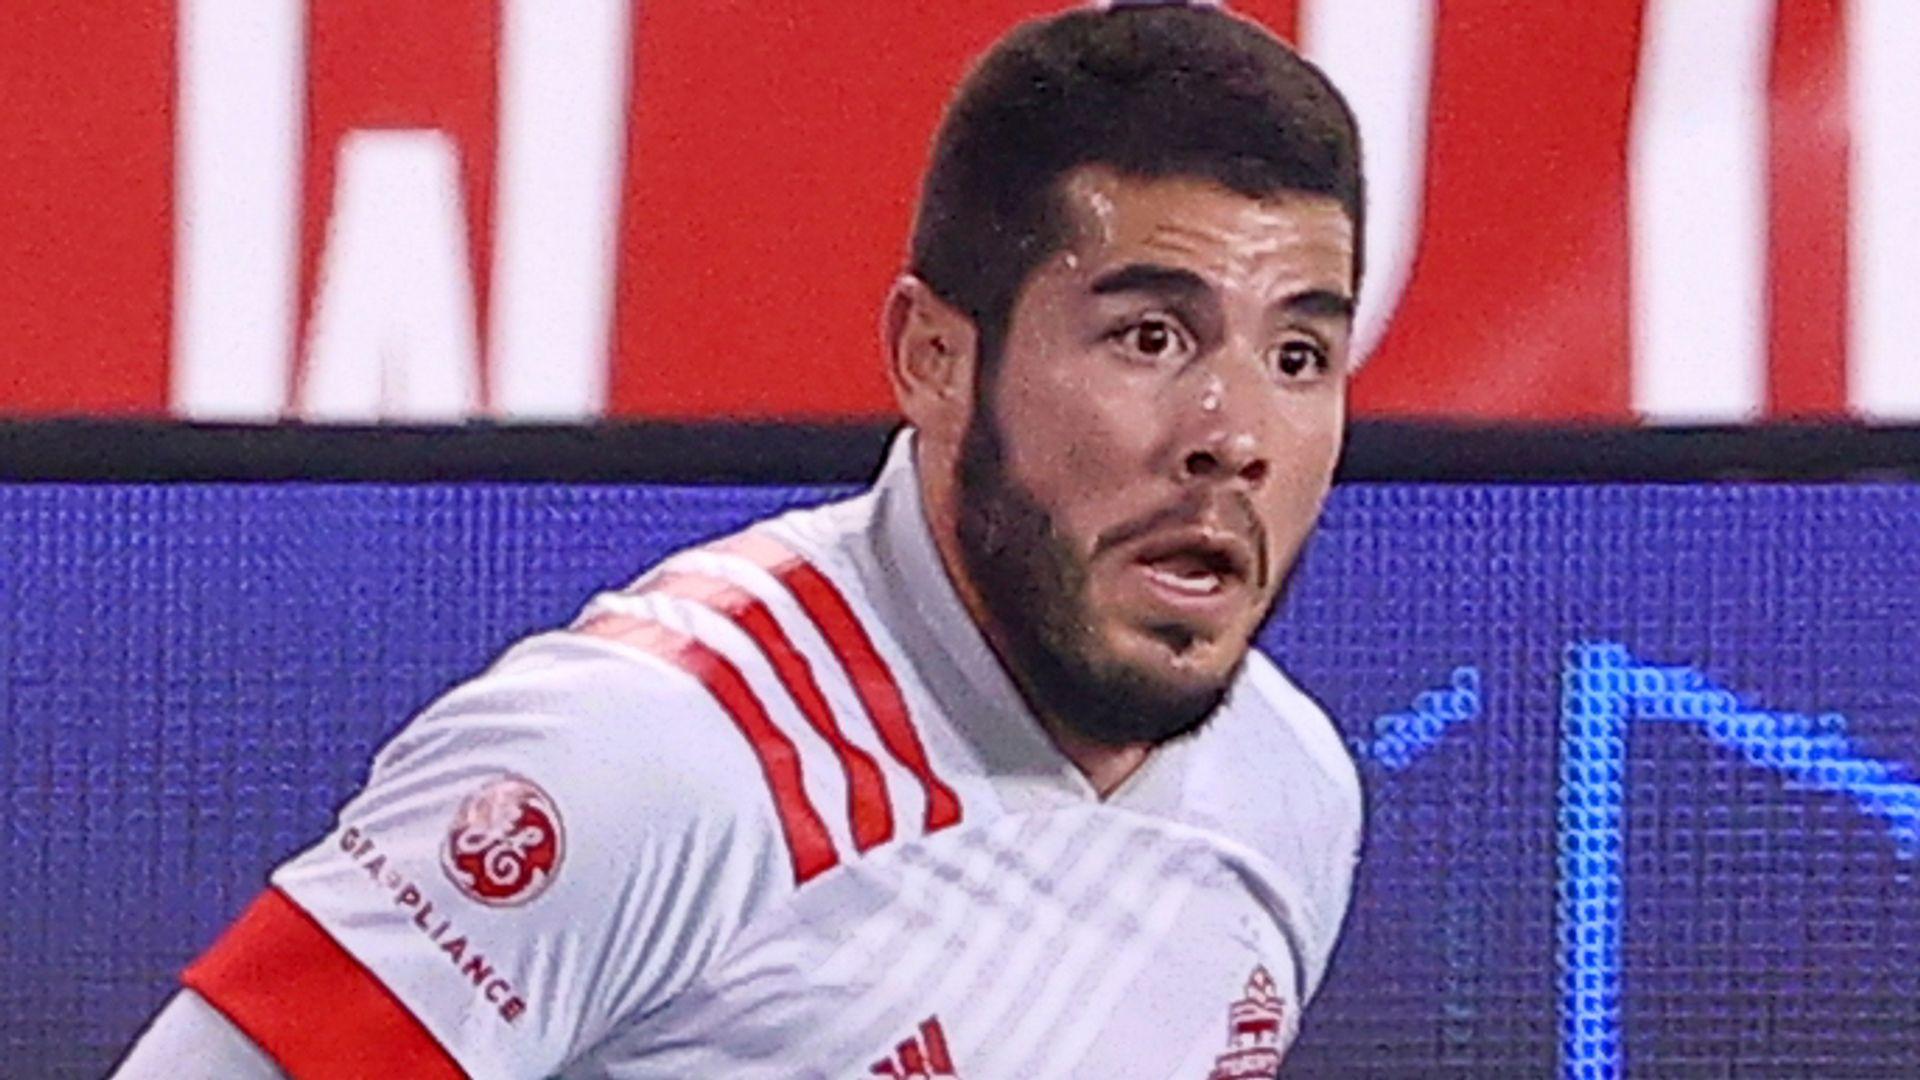 MLS almost lost MVP Pozuelo during CBA talks